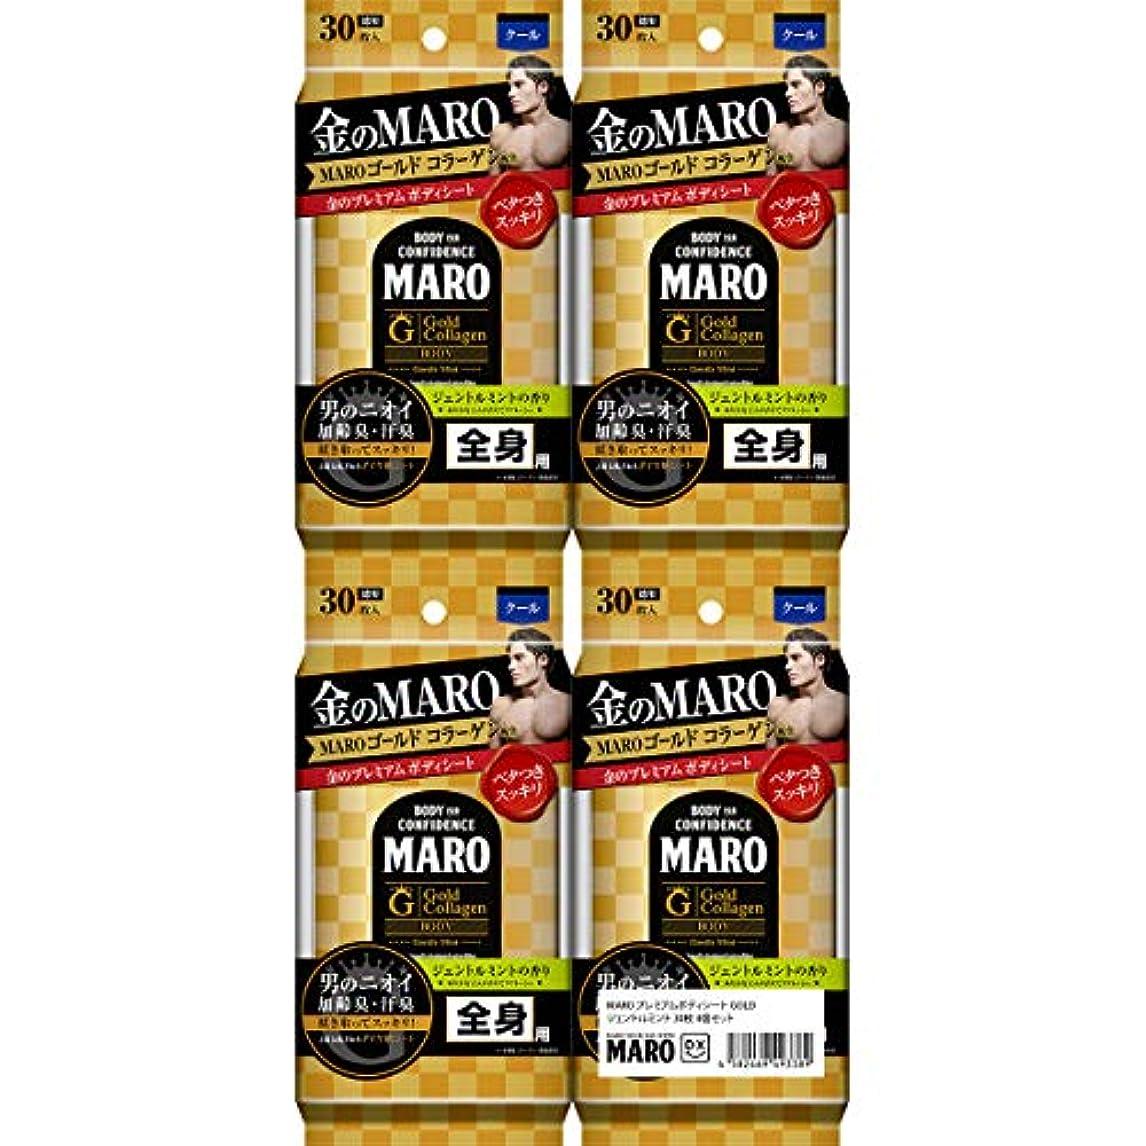 ミンチ出来事全滅させる[Amazon限定ブランド] MARO DX デオドラント ボディシート GOLD ジェントルミントの香り 30枚×4